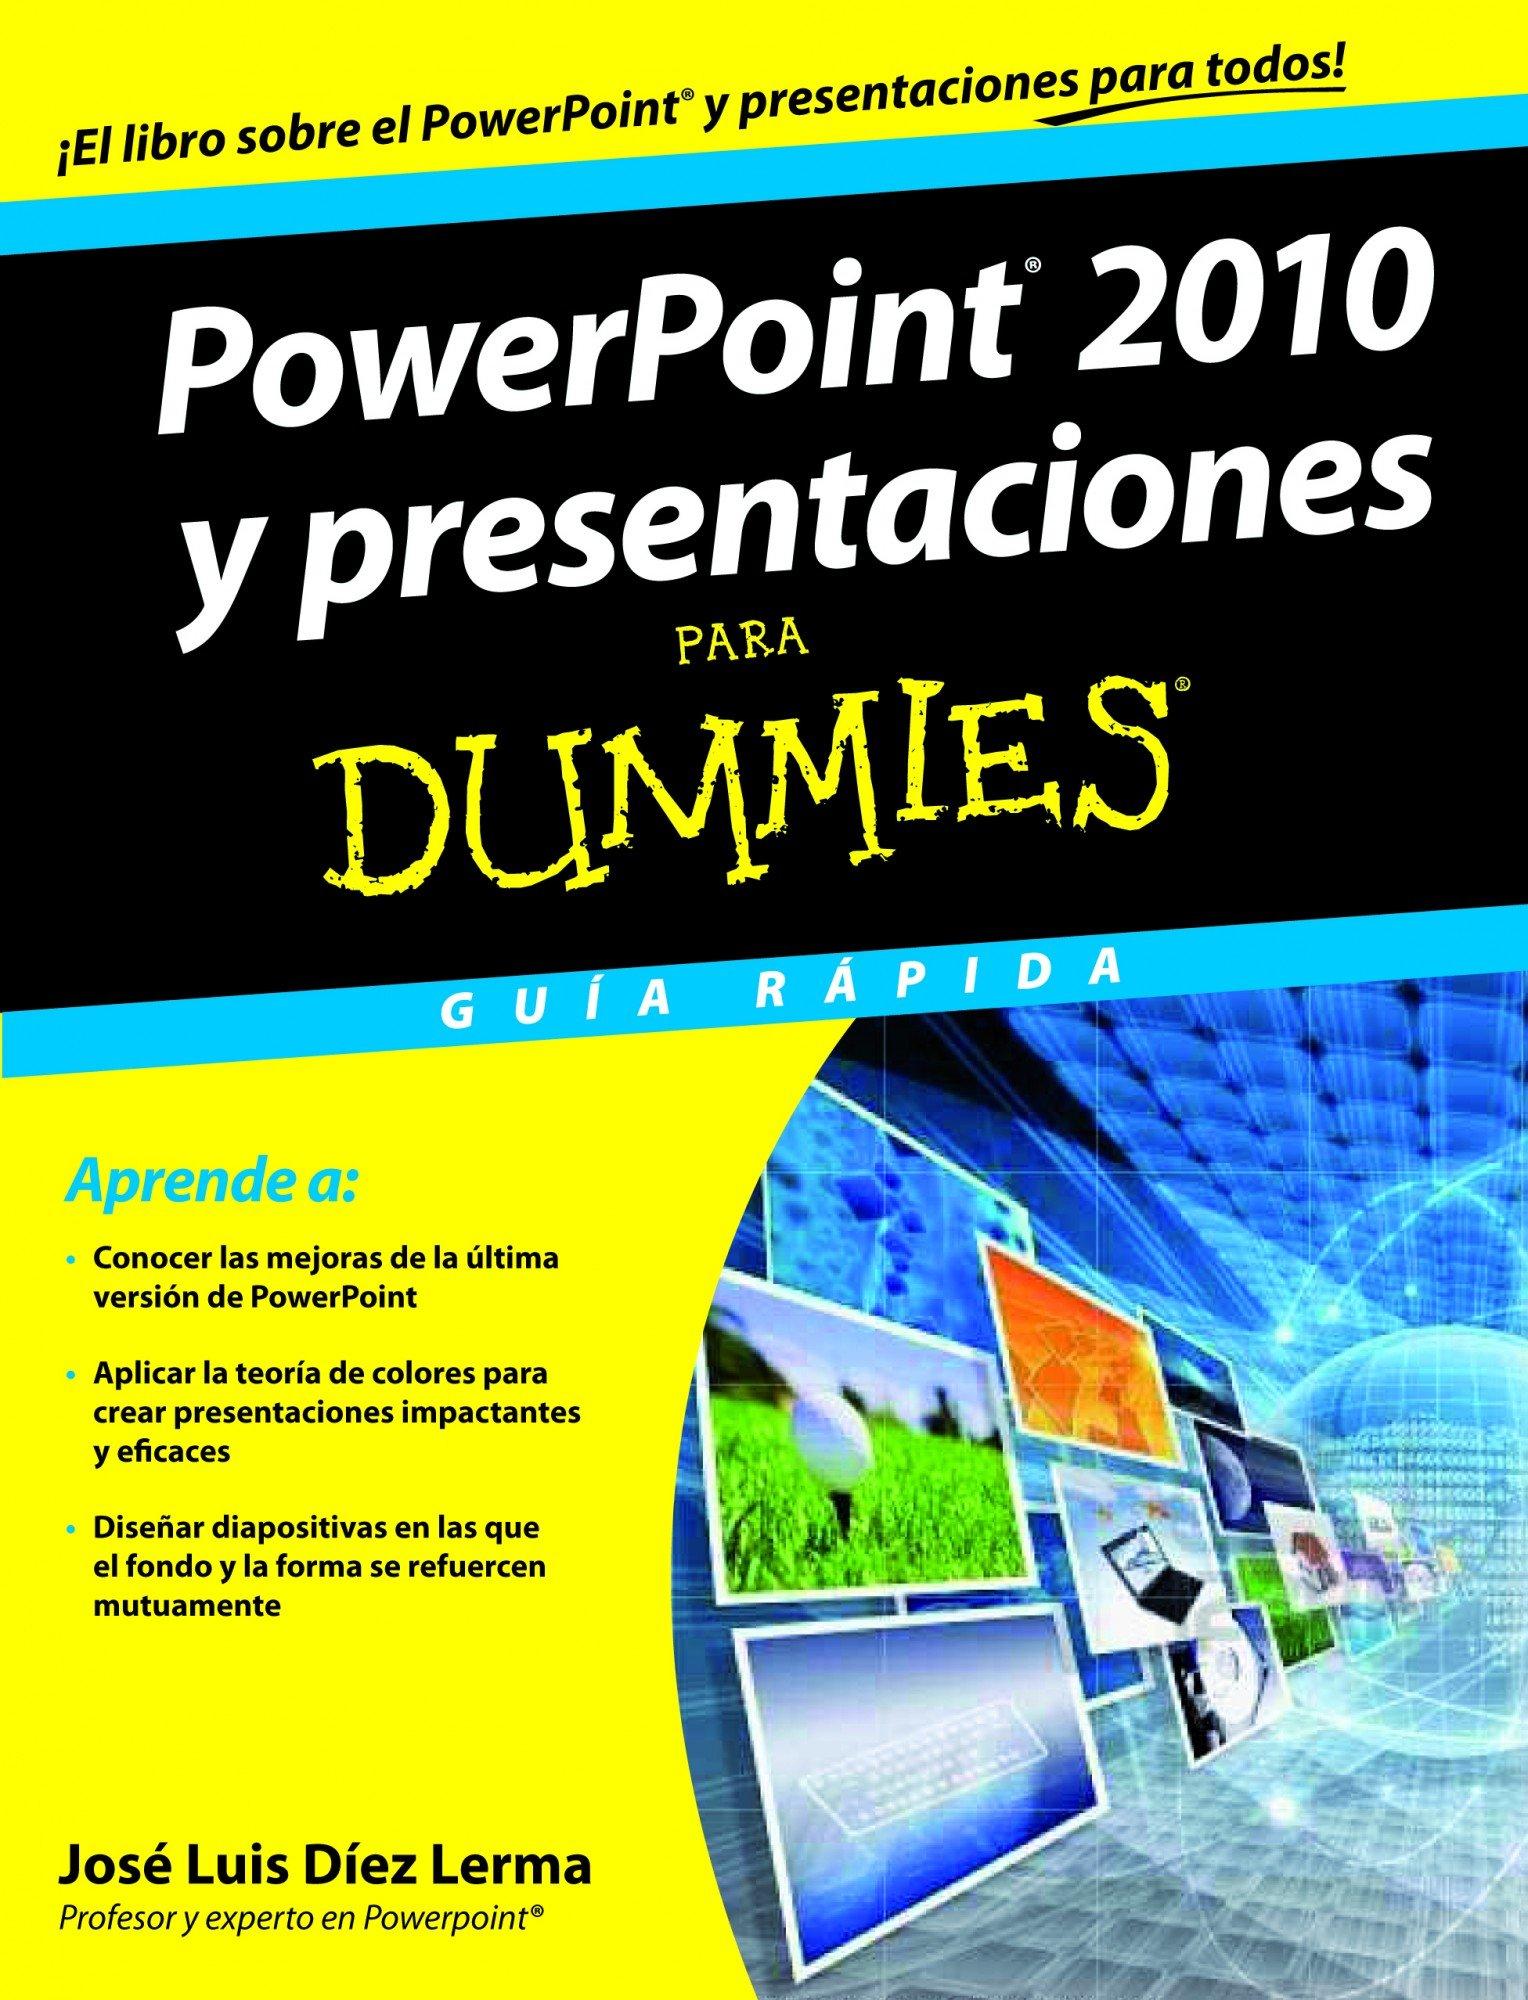 powerpoint 2010 y presentaciones para dummies josé luis díez lerma